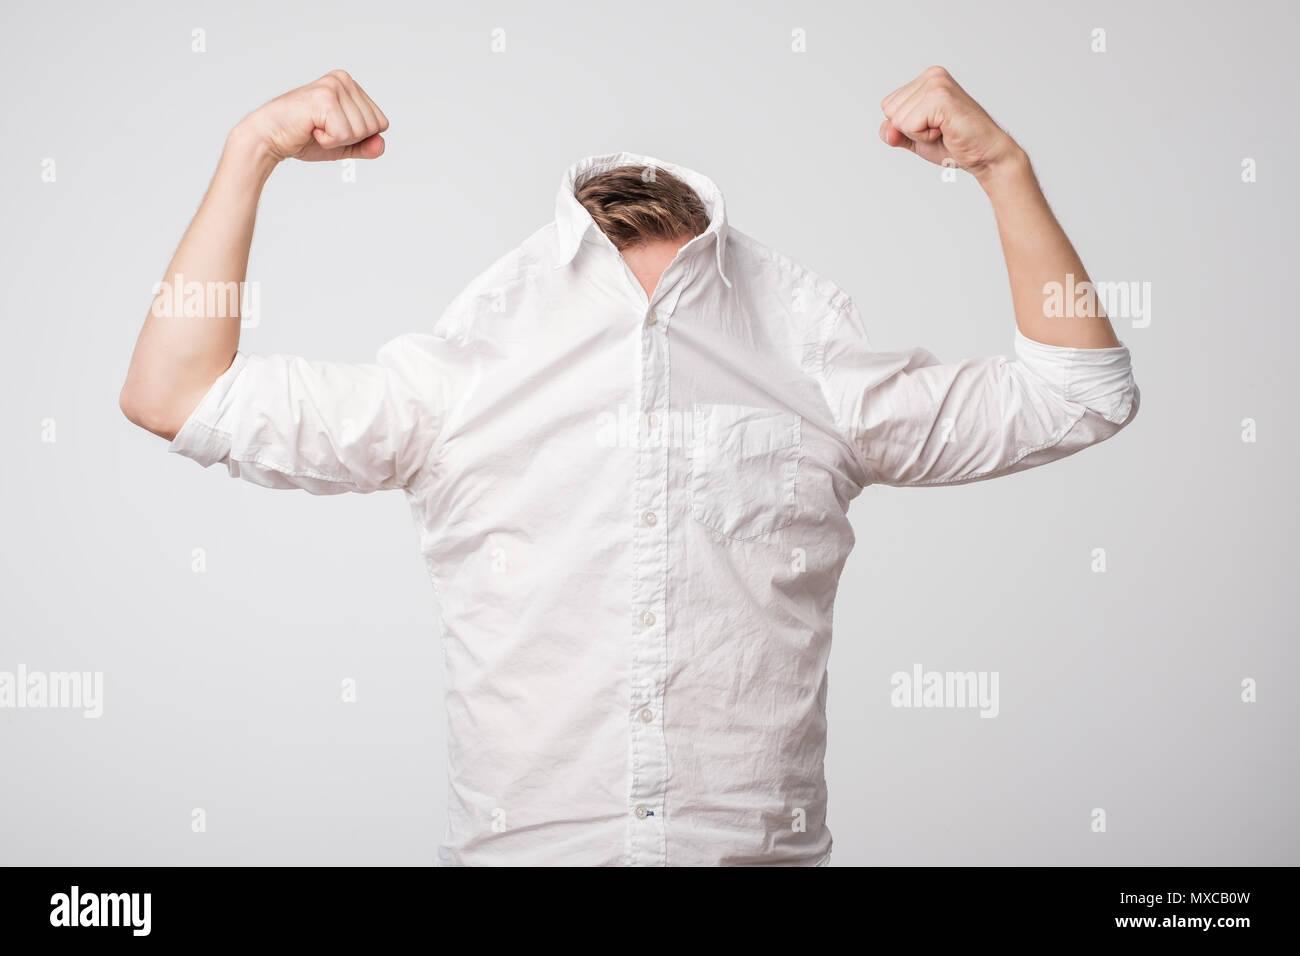 Porträt eines modernen schöner Mann seine Macht zeigen. Stockbild